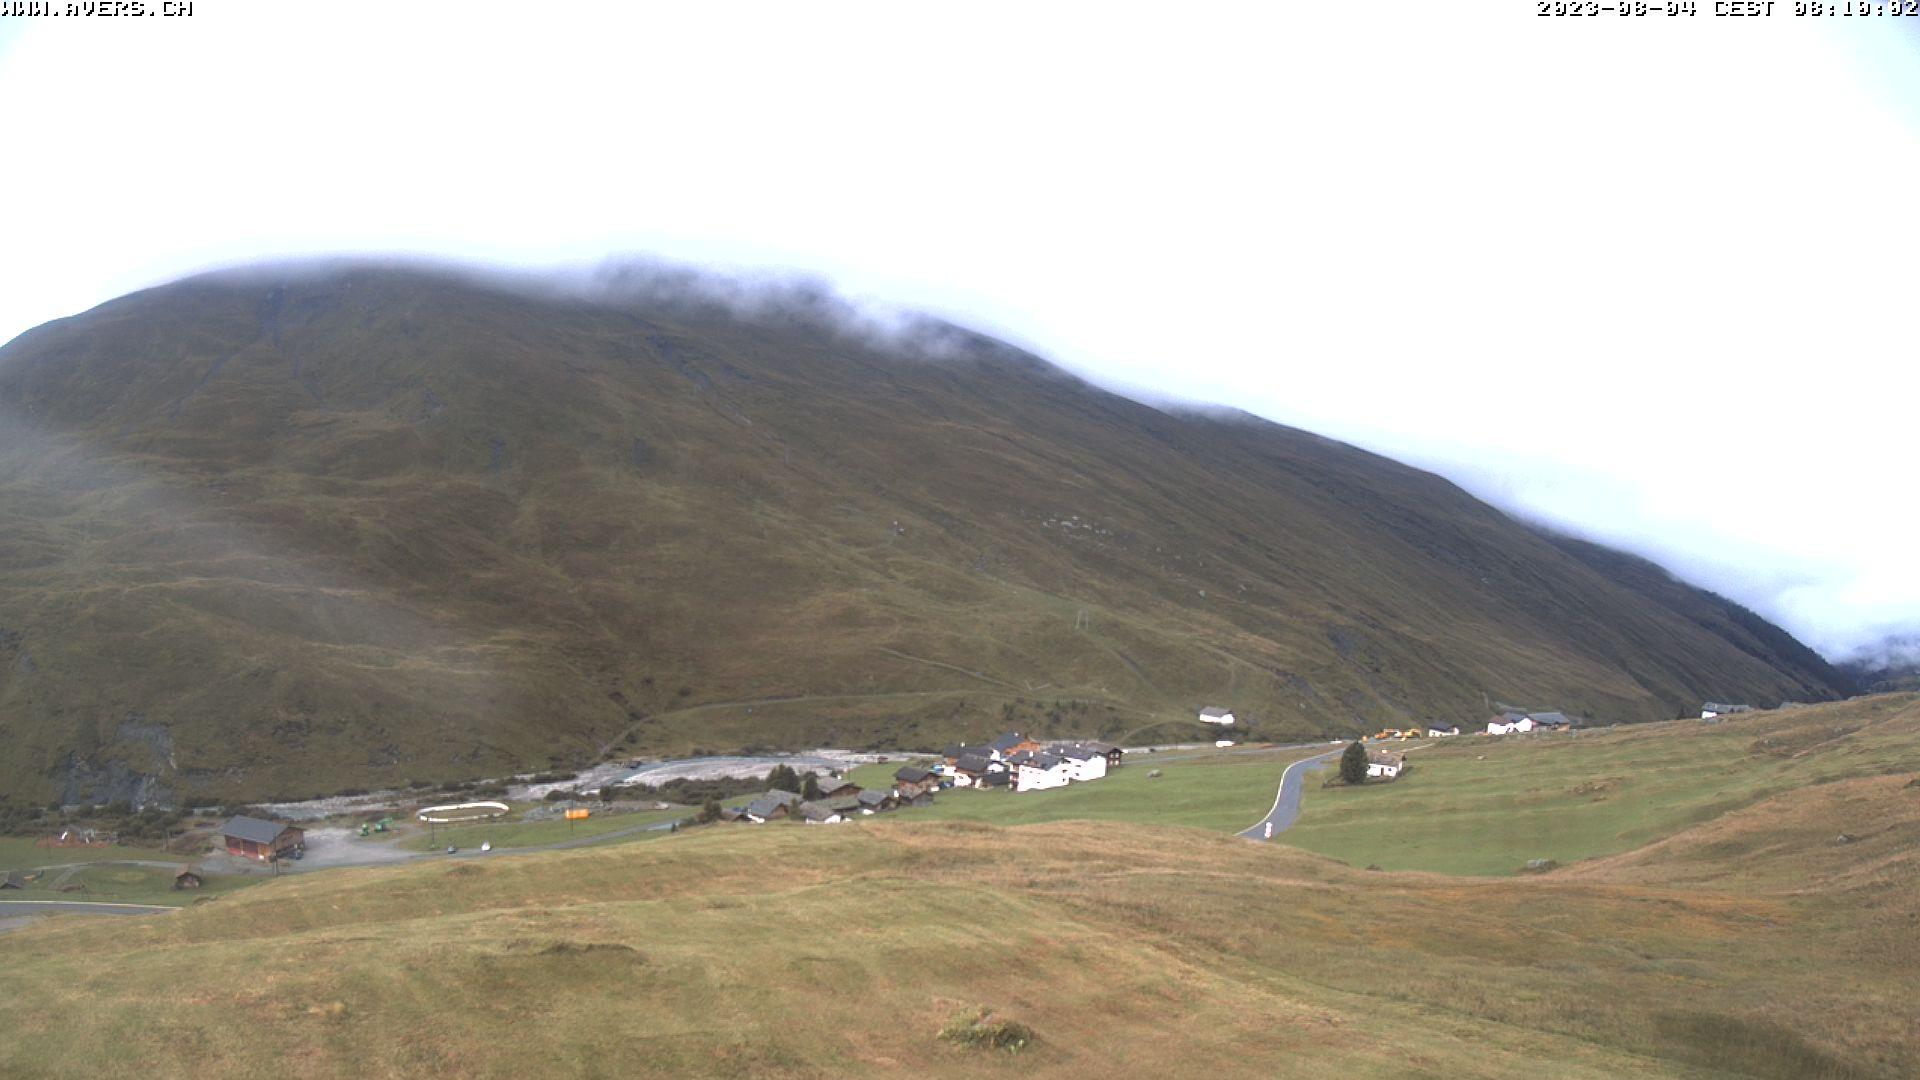 Grossansicht 08h - Avers Skilift Cavetta mit Sicht in die Bregalga.